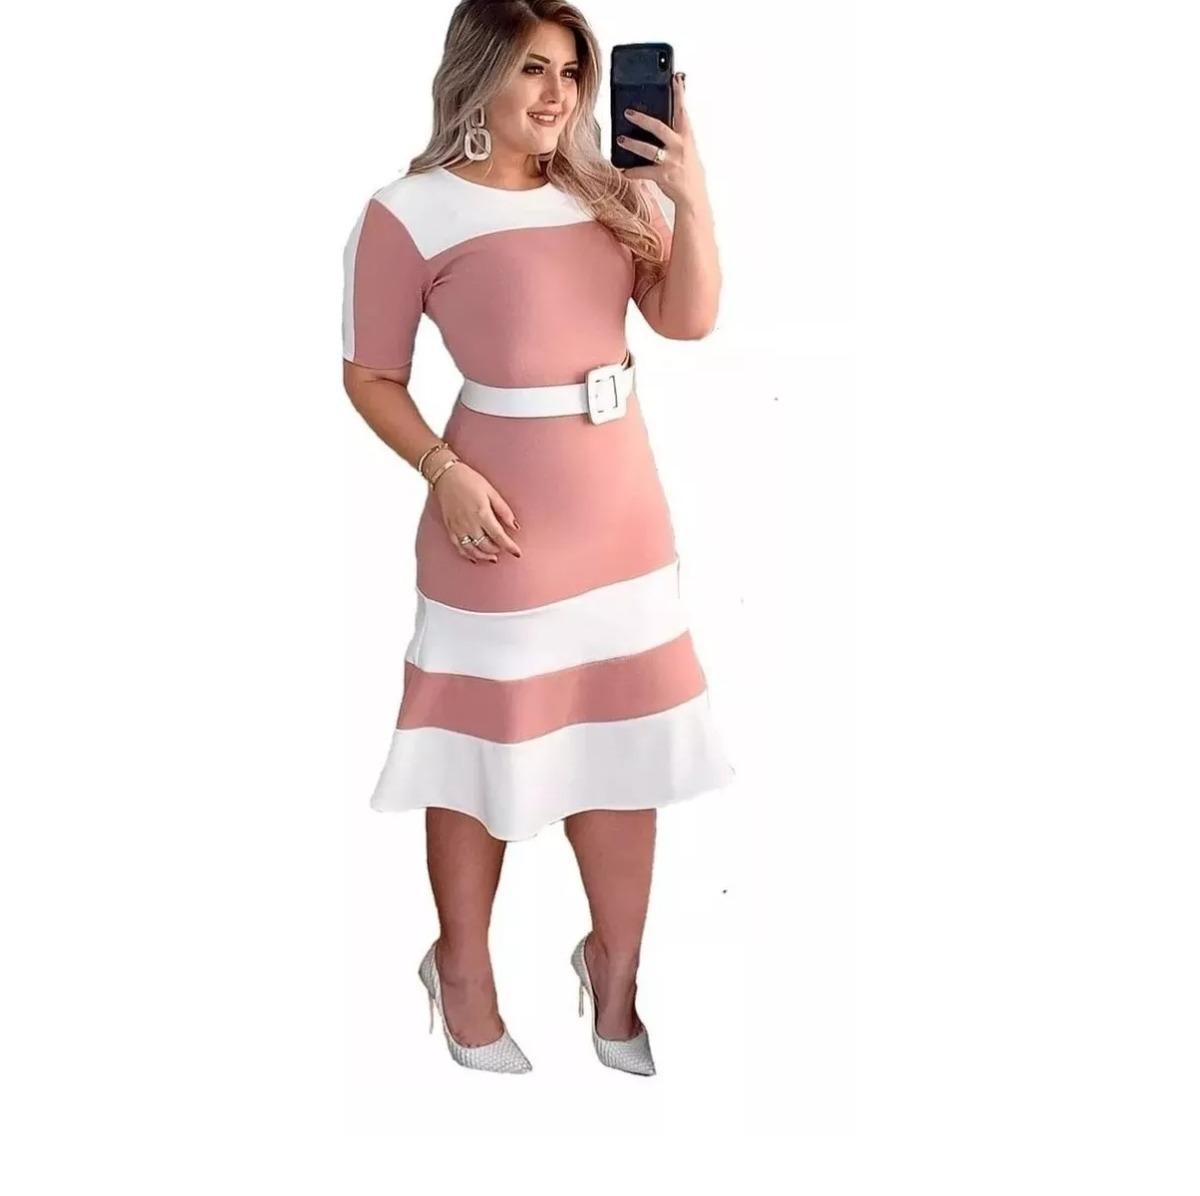 af698af4acd9 vestido moda evangelica midi moda jovem roupas femininas. Carregando zoom.